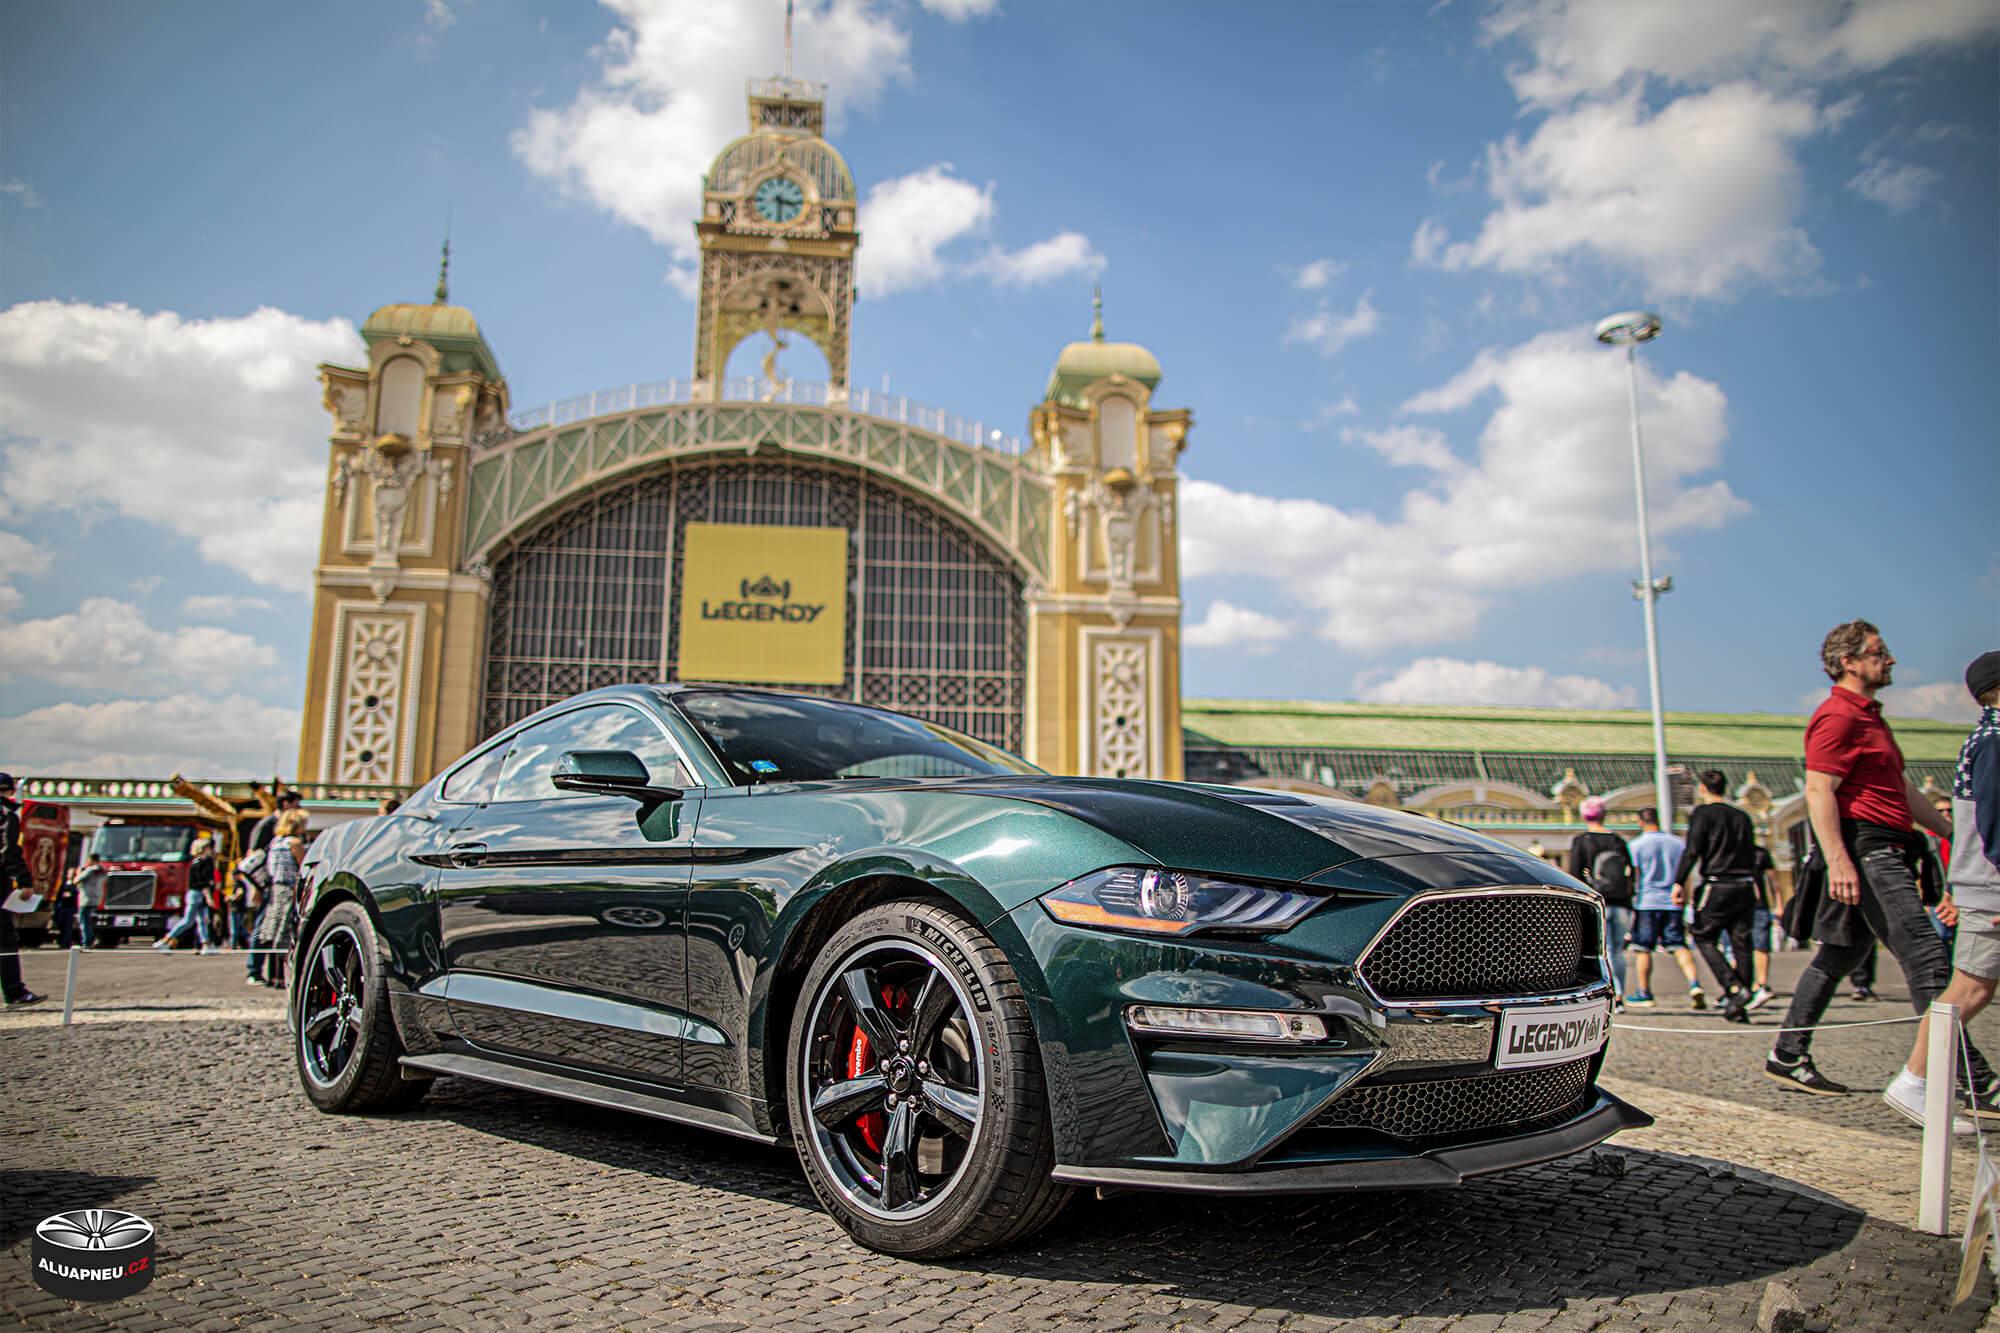 Originální alu kola Ford Mustang Bullit - černé elektrony s leštěným lemem - Automobilové Legendy 2019 - www.aluapneu.cz